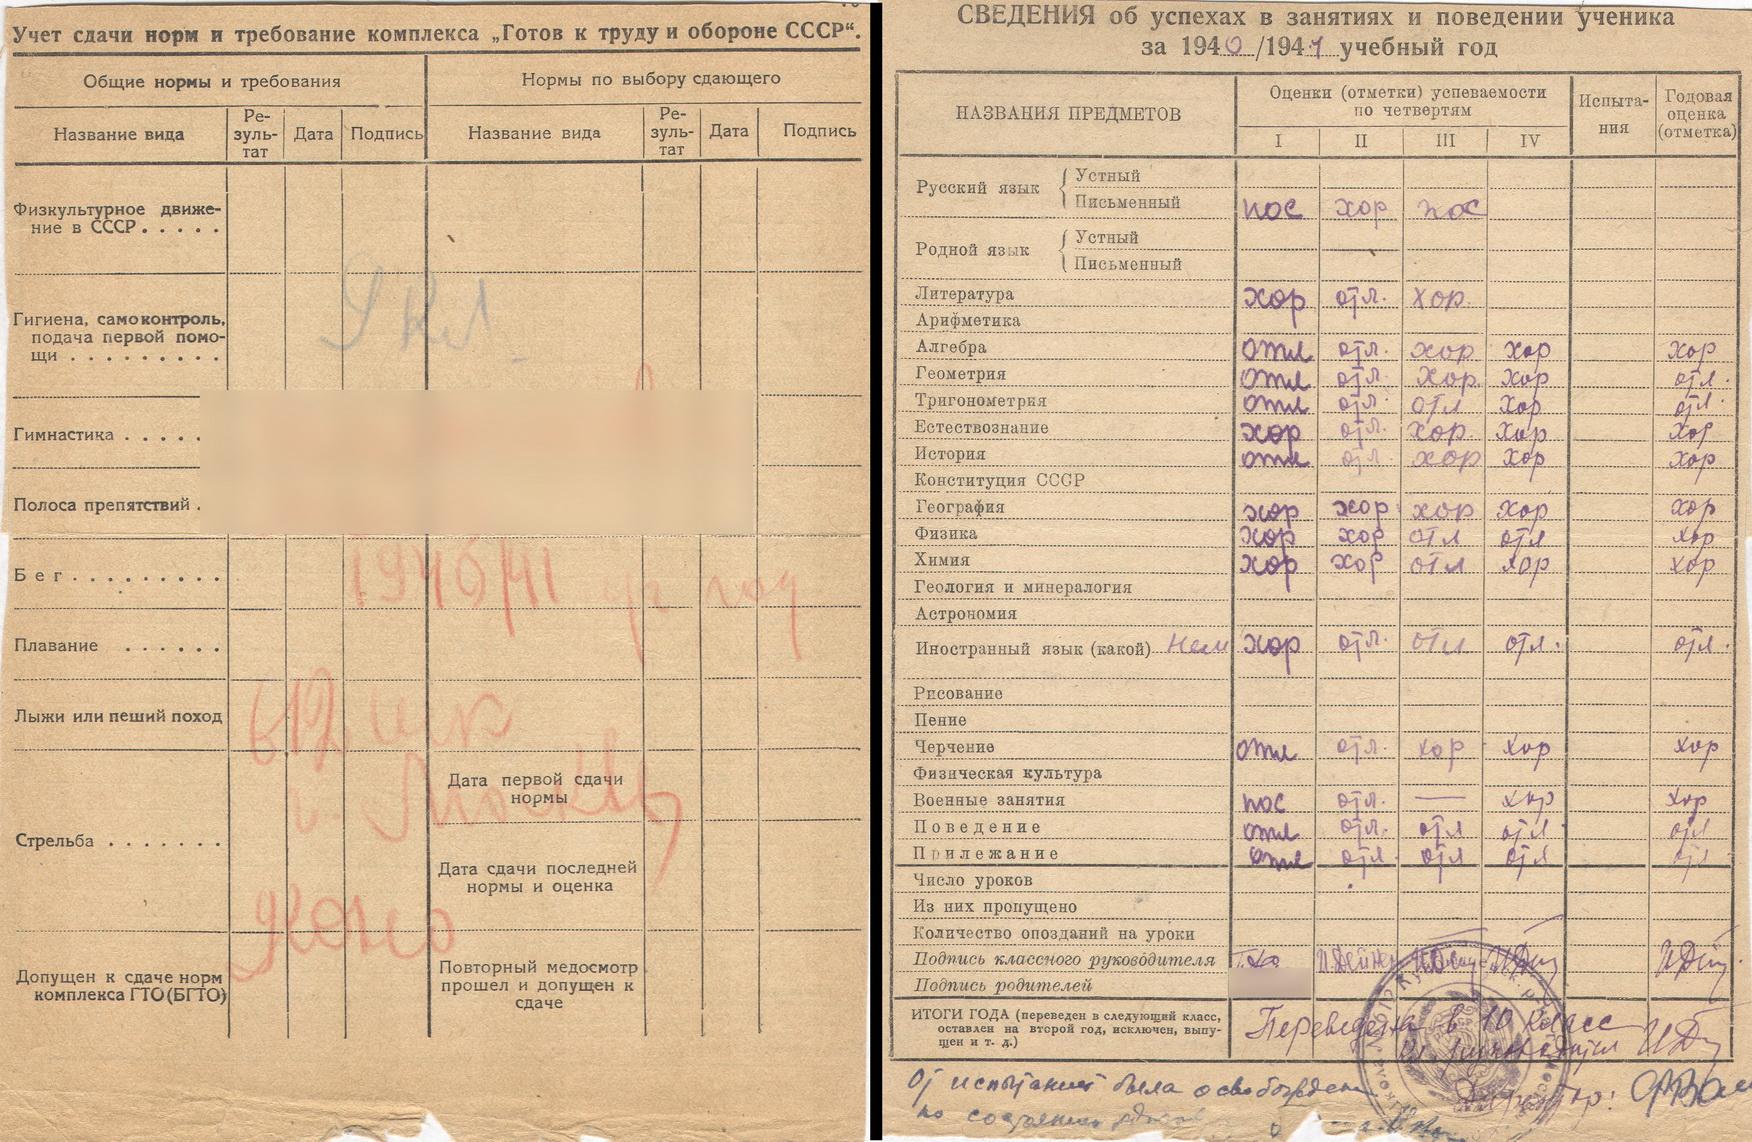 Tabel - 1940-41 - 9 klass_resize